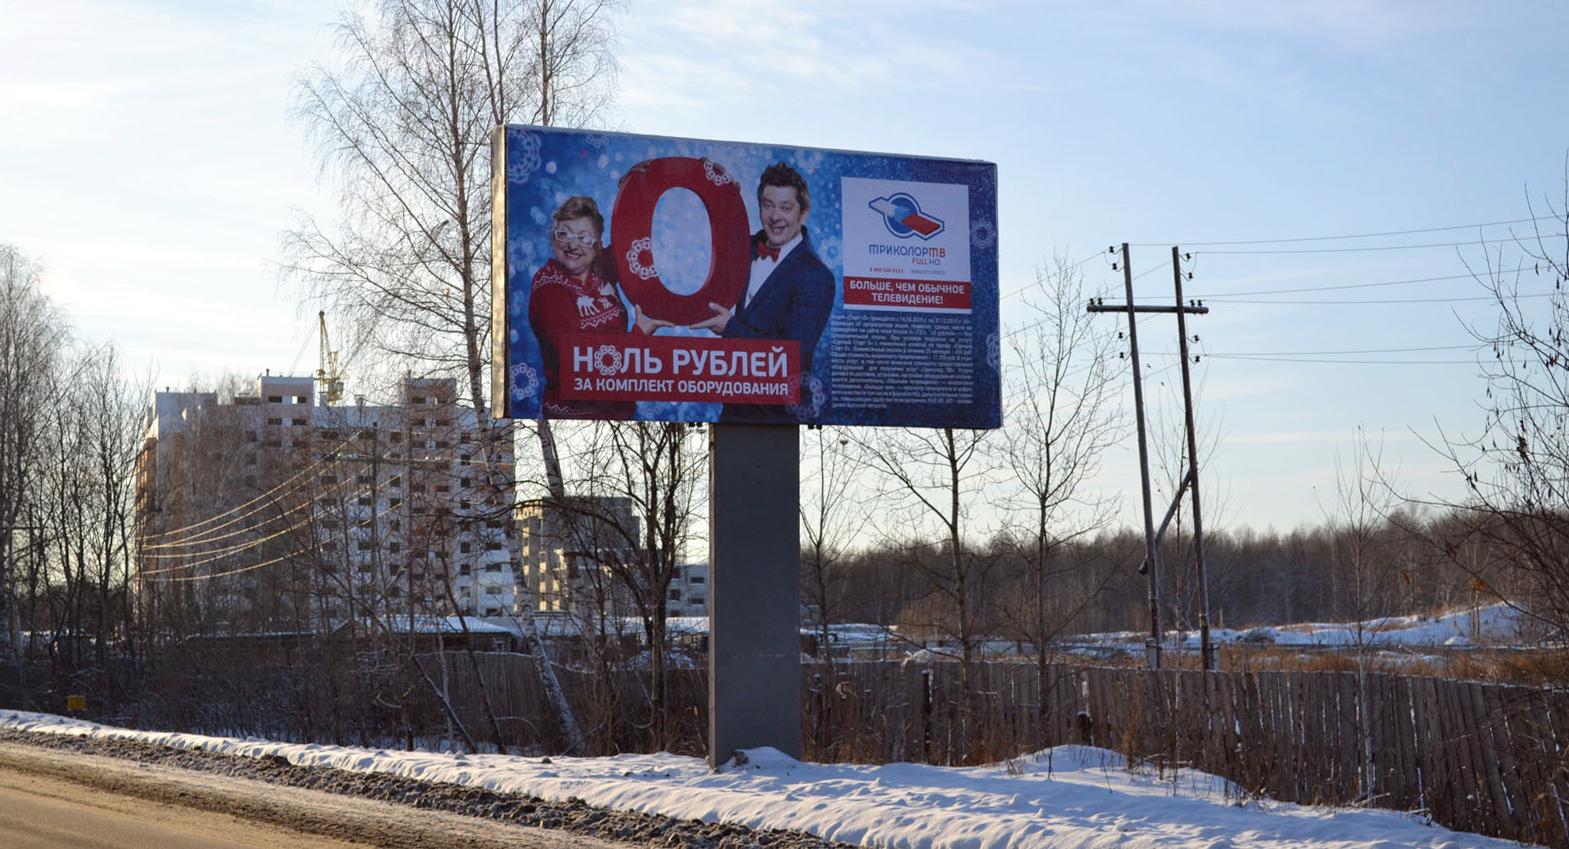 Наружная реклама на щитах и брандмауэрах в Ноябрьске